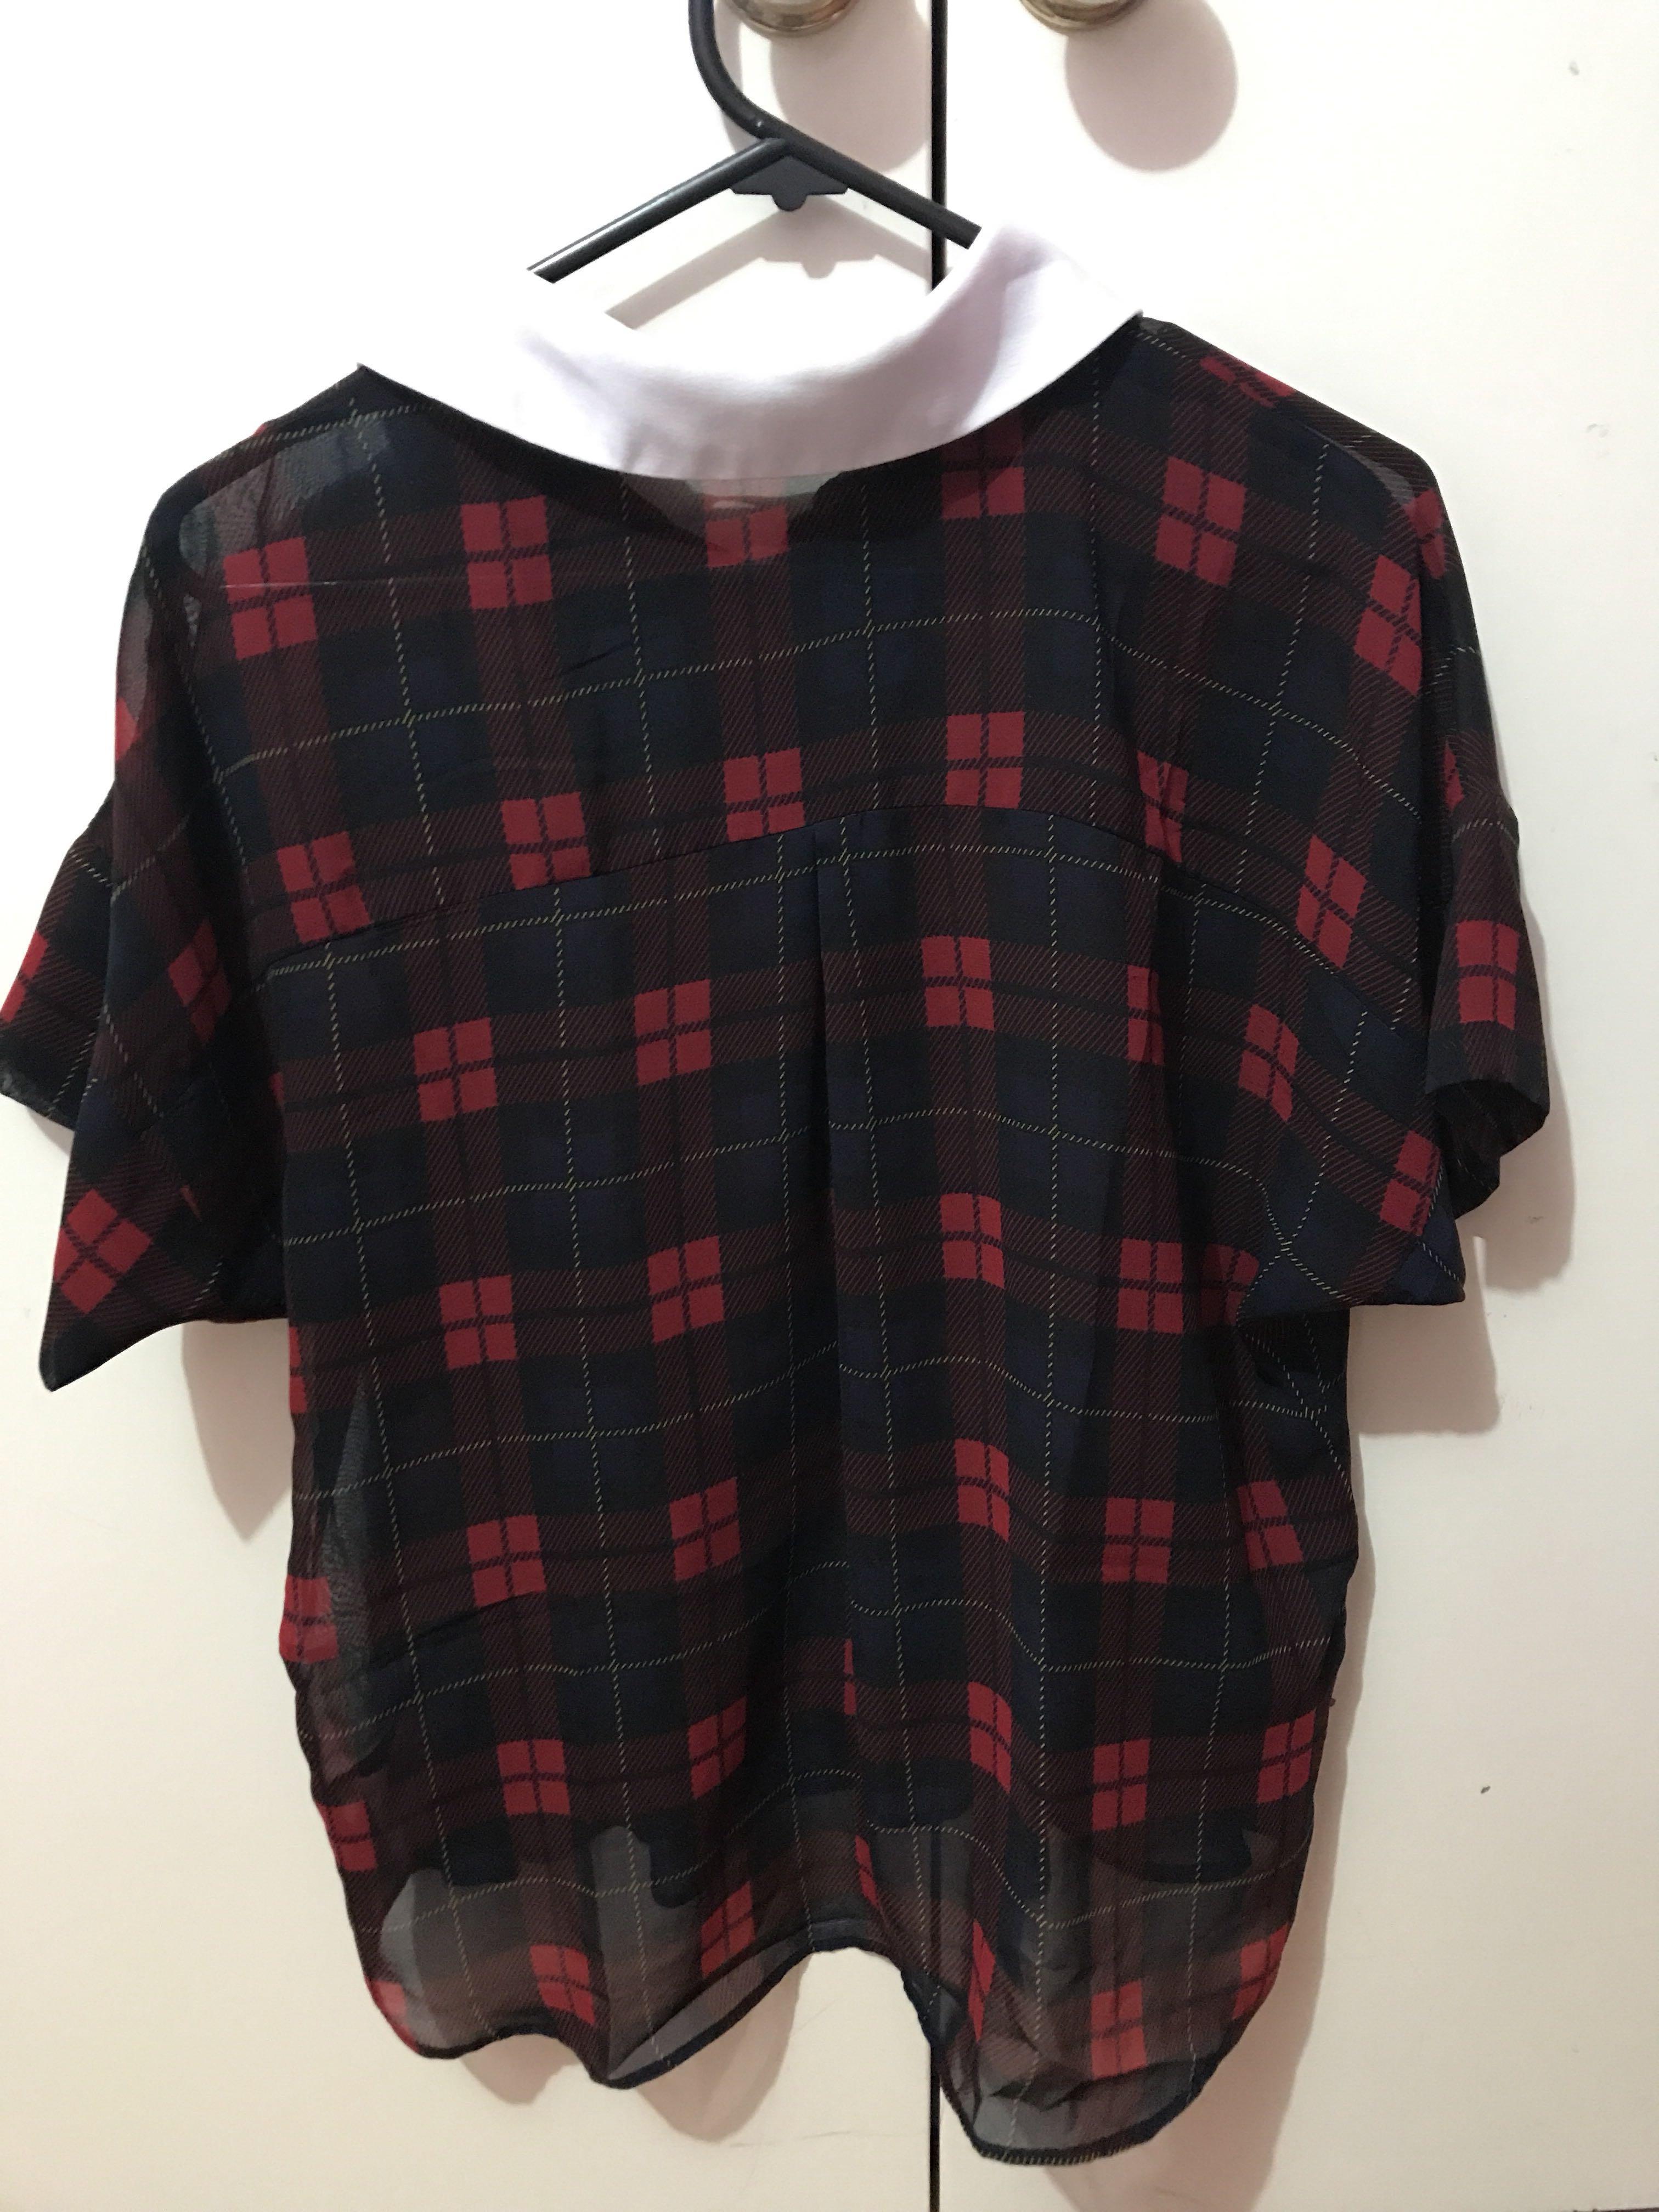 Zara checked sheer blouse